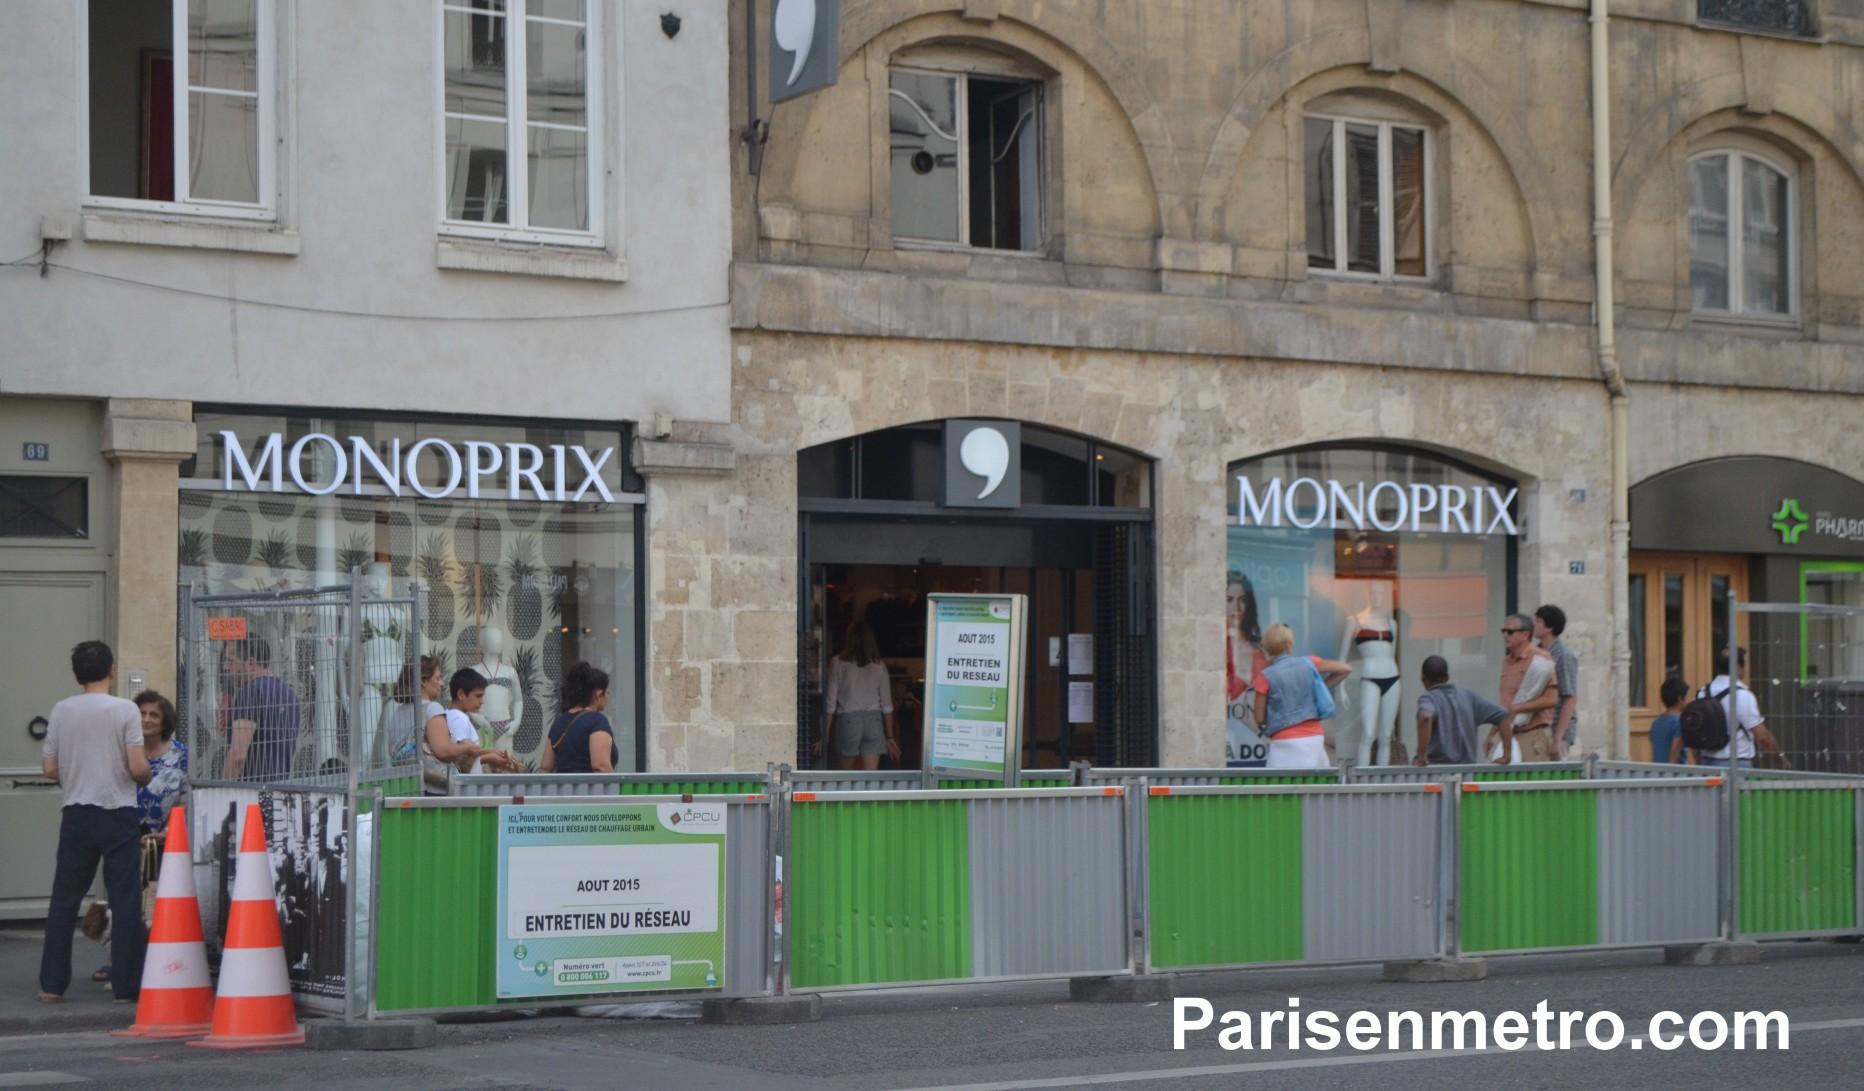 Monoprix saint paul paris en m tro - Monoprix rue saint antoine ...